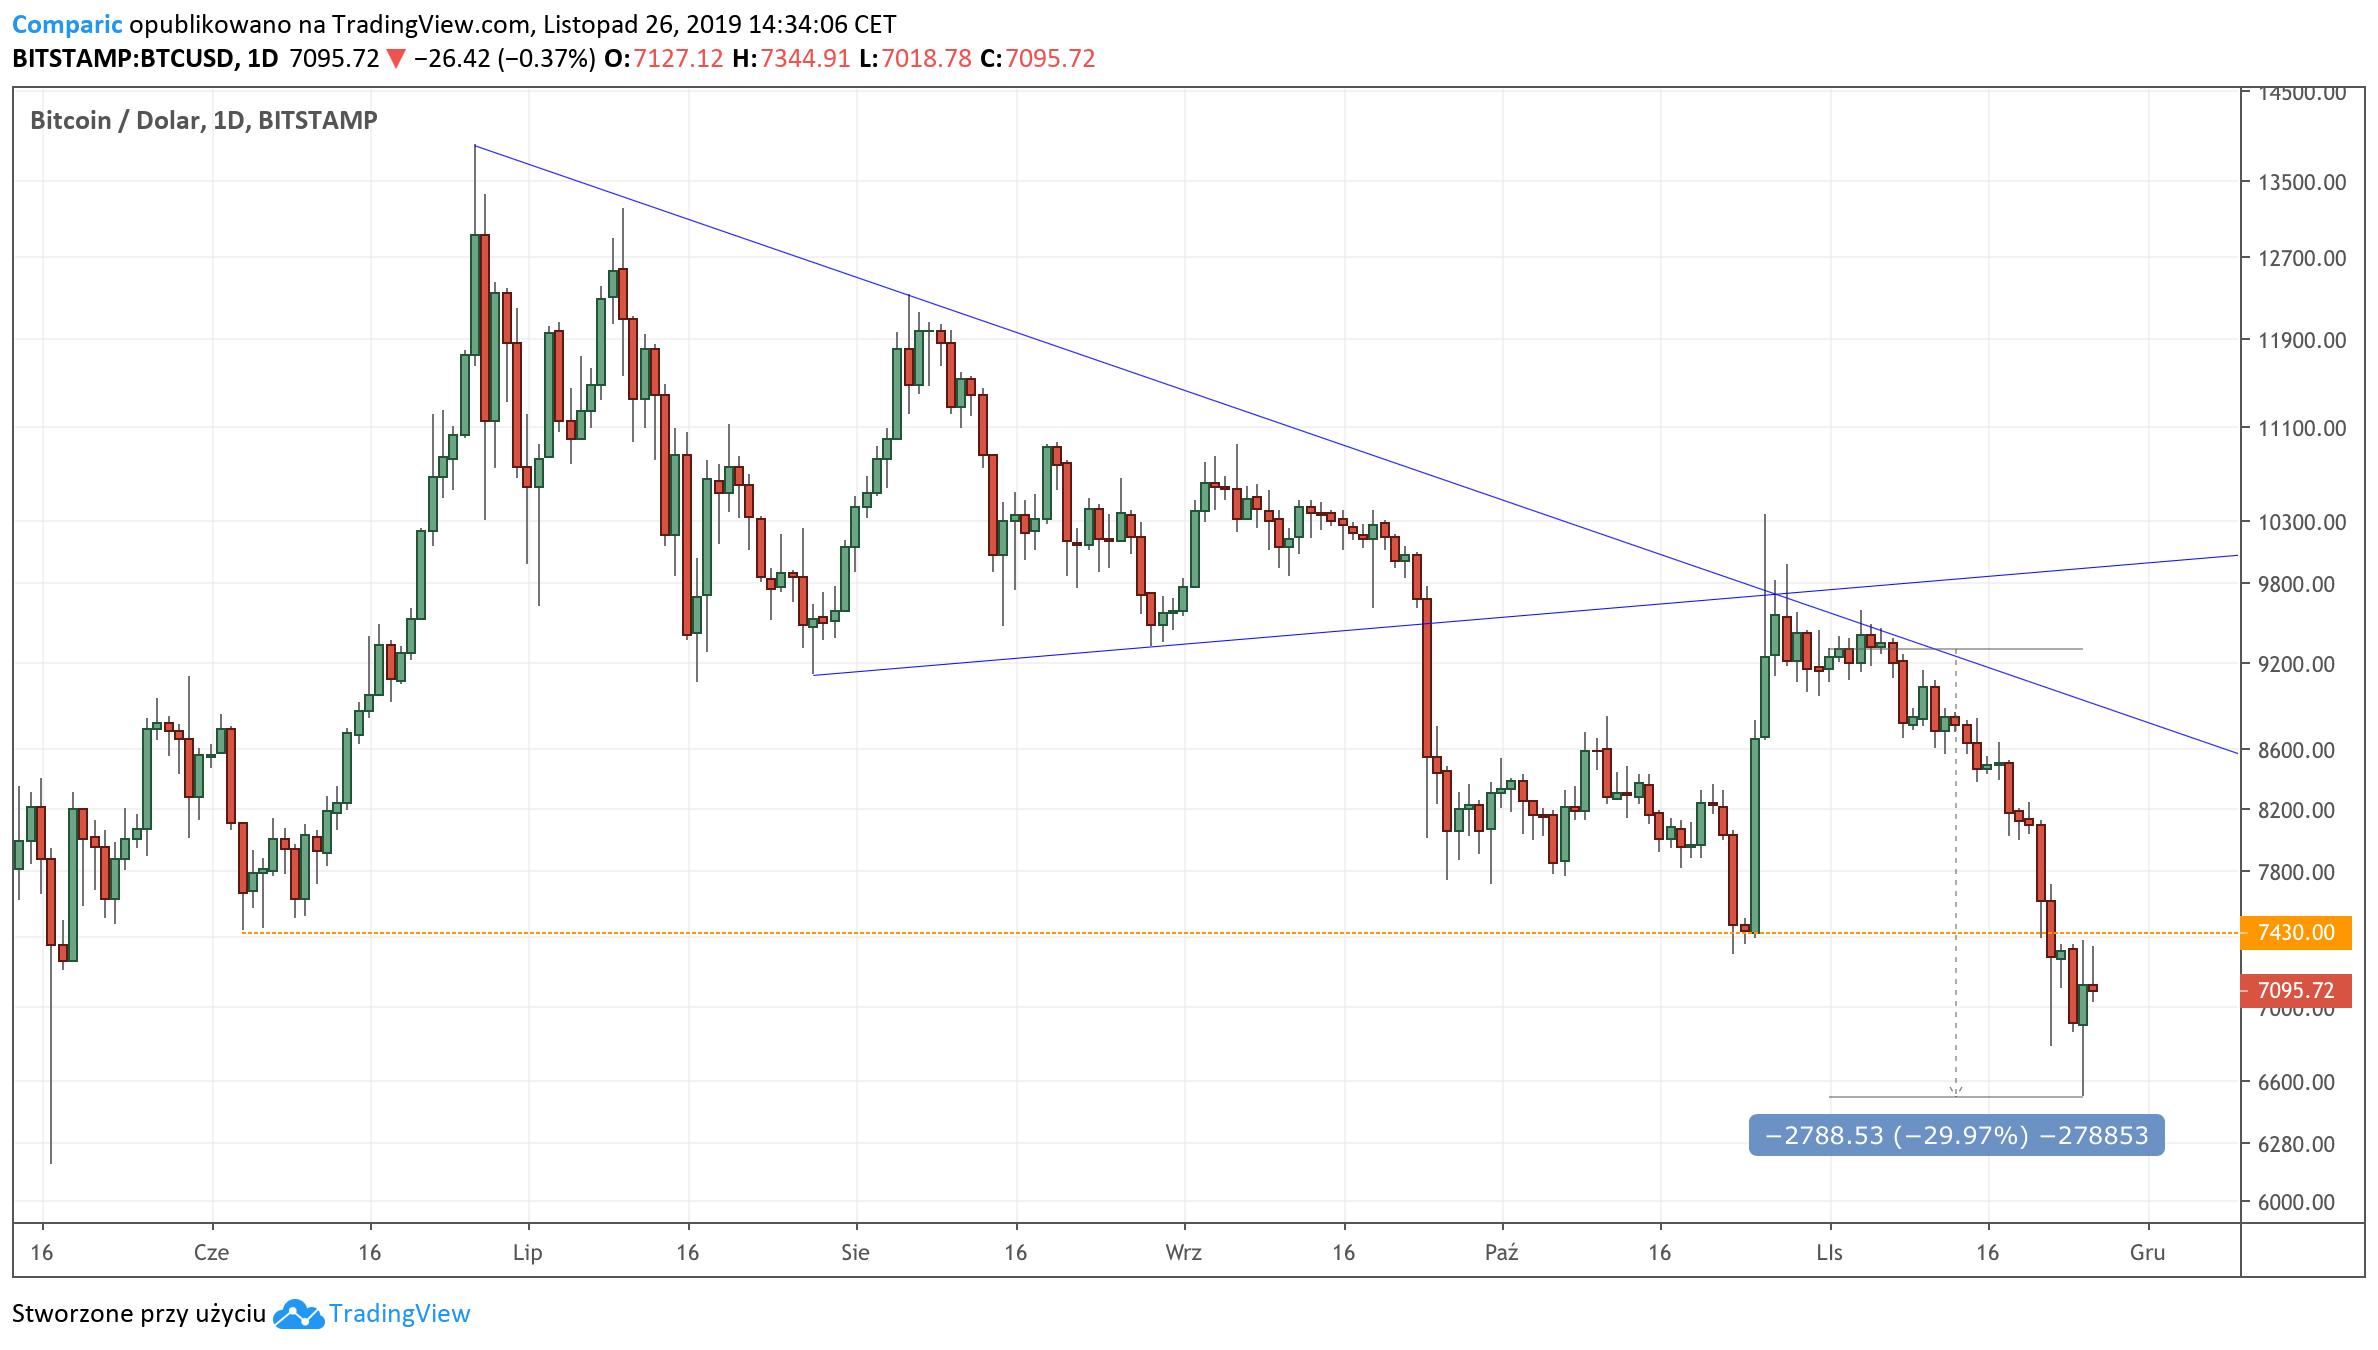 Wykres dzienny Bitcoina do dolara (BTCUSD)